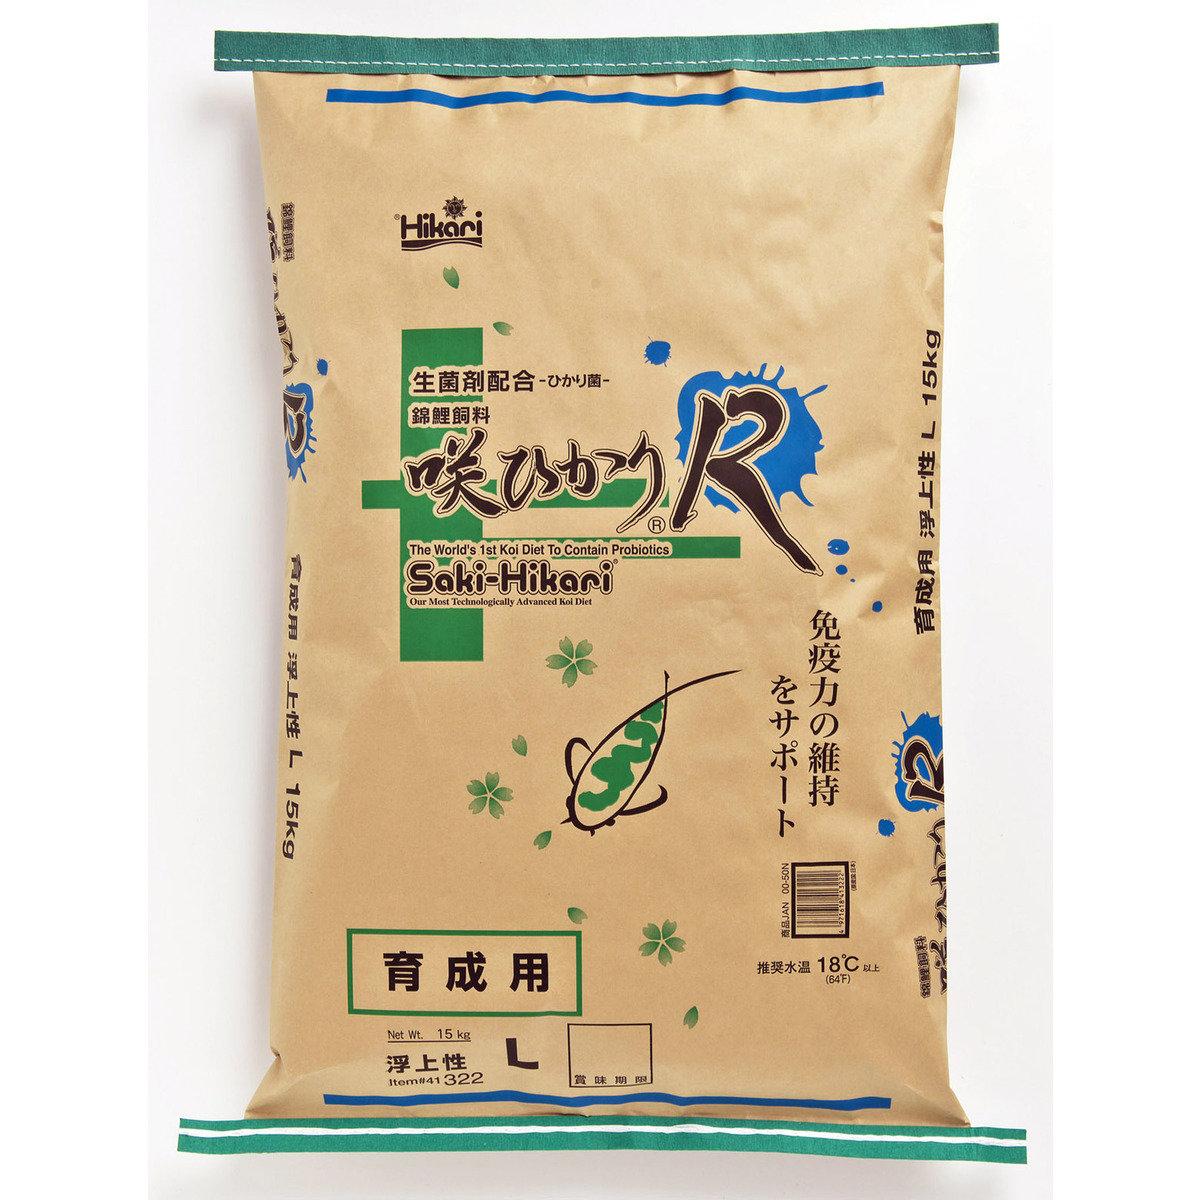 【お取寄せ品】キョーリン 咲ひかりR 育成用 浮上 L 錦鯉用 15kg【送料無料】